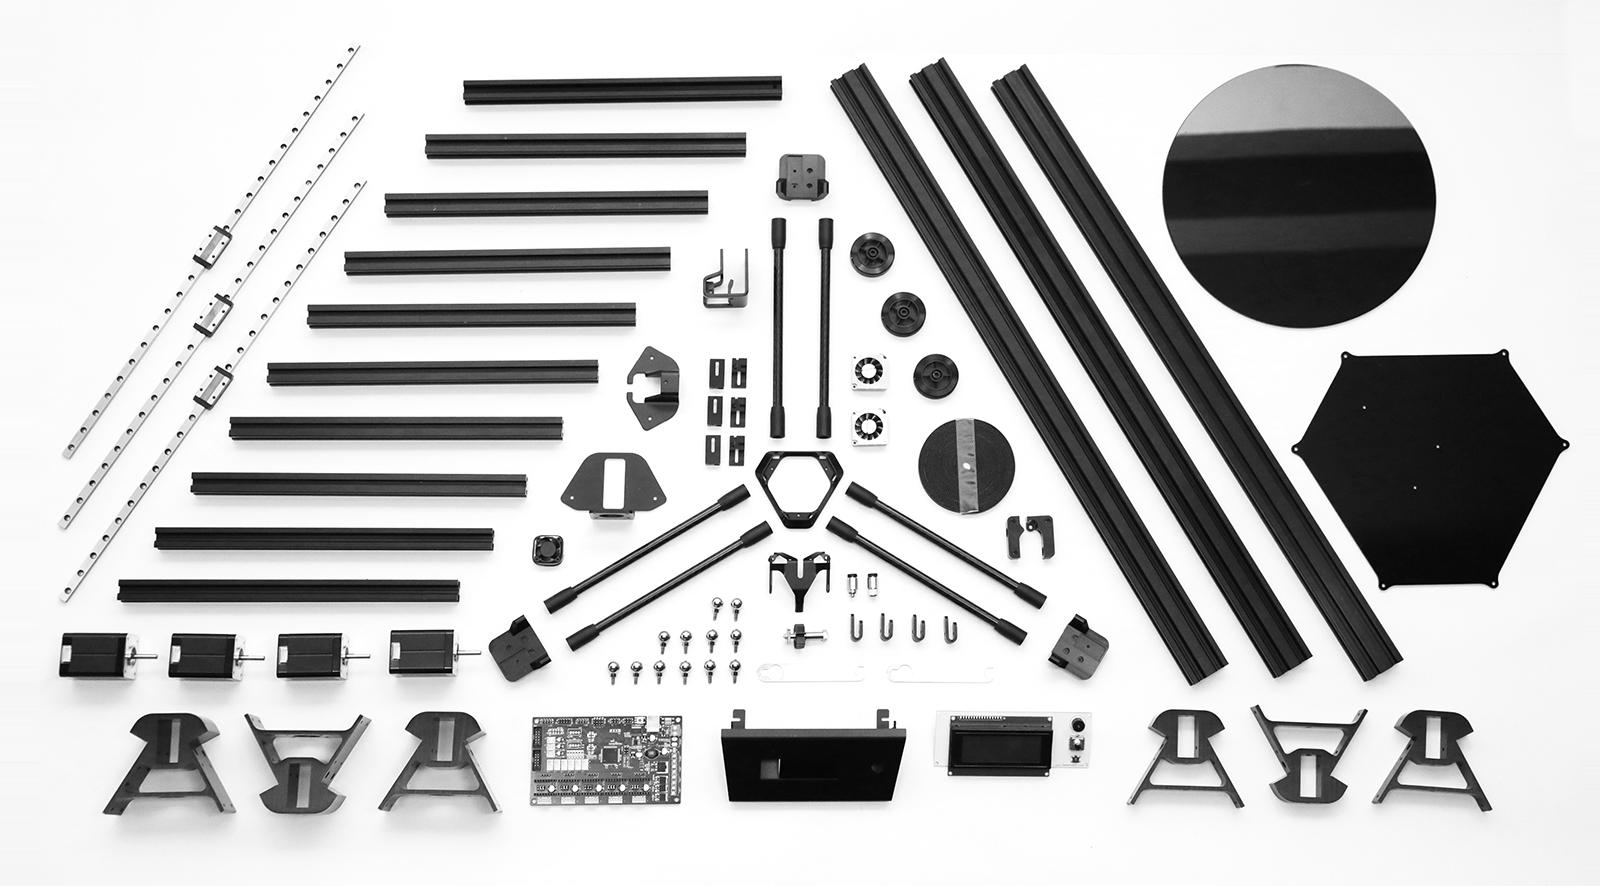 l 39 imprimante 3d atom 2 0 la conqu te de la france. Black Bedroom Furniture Sets. Home Design Ideas